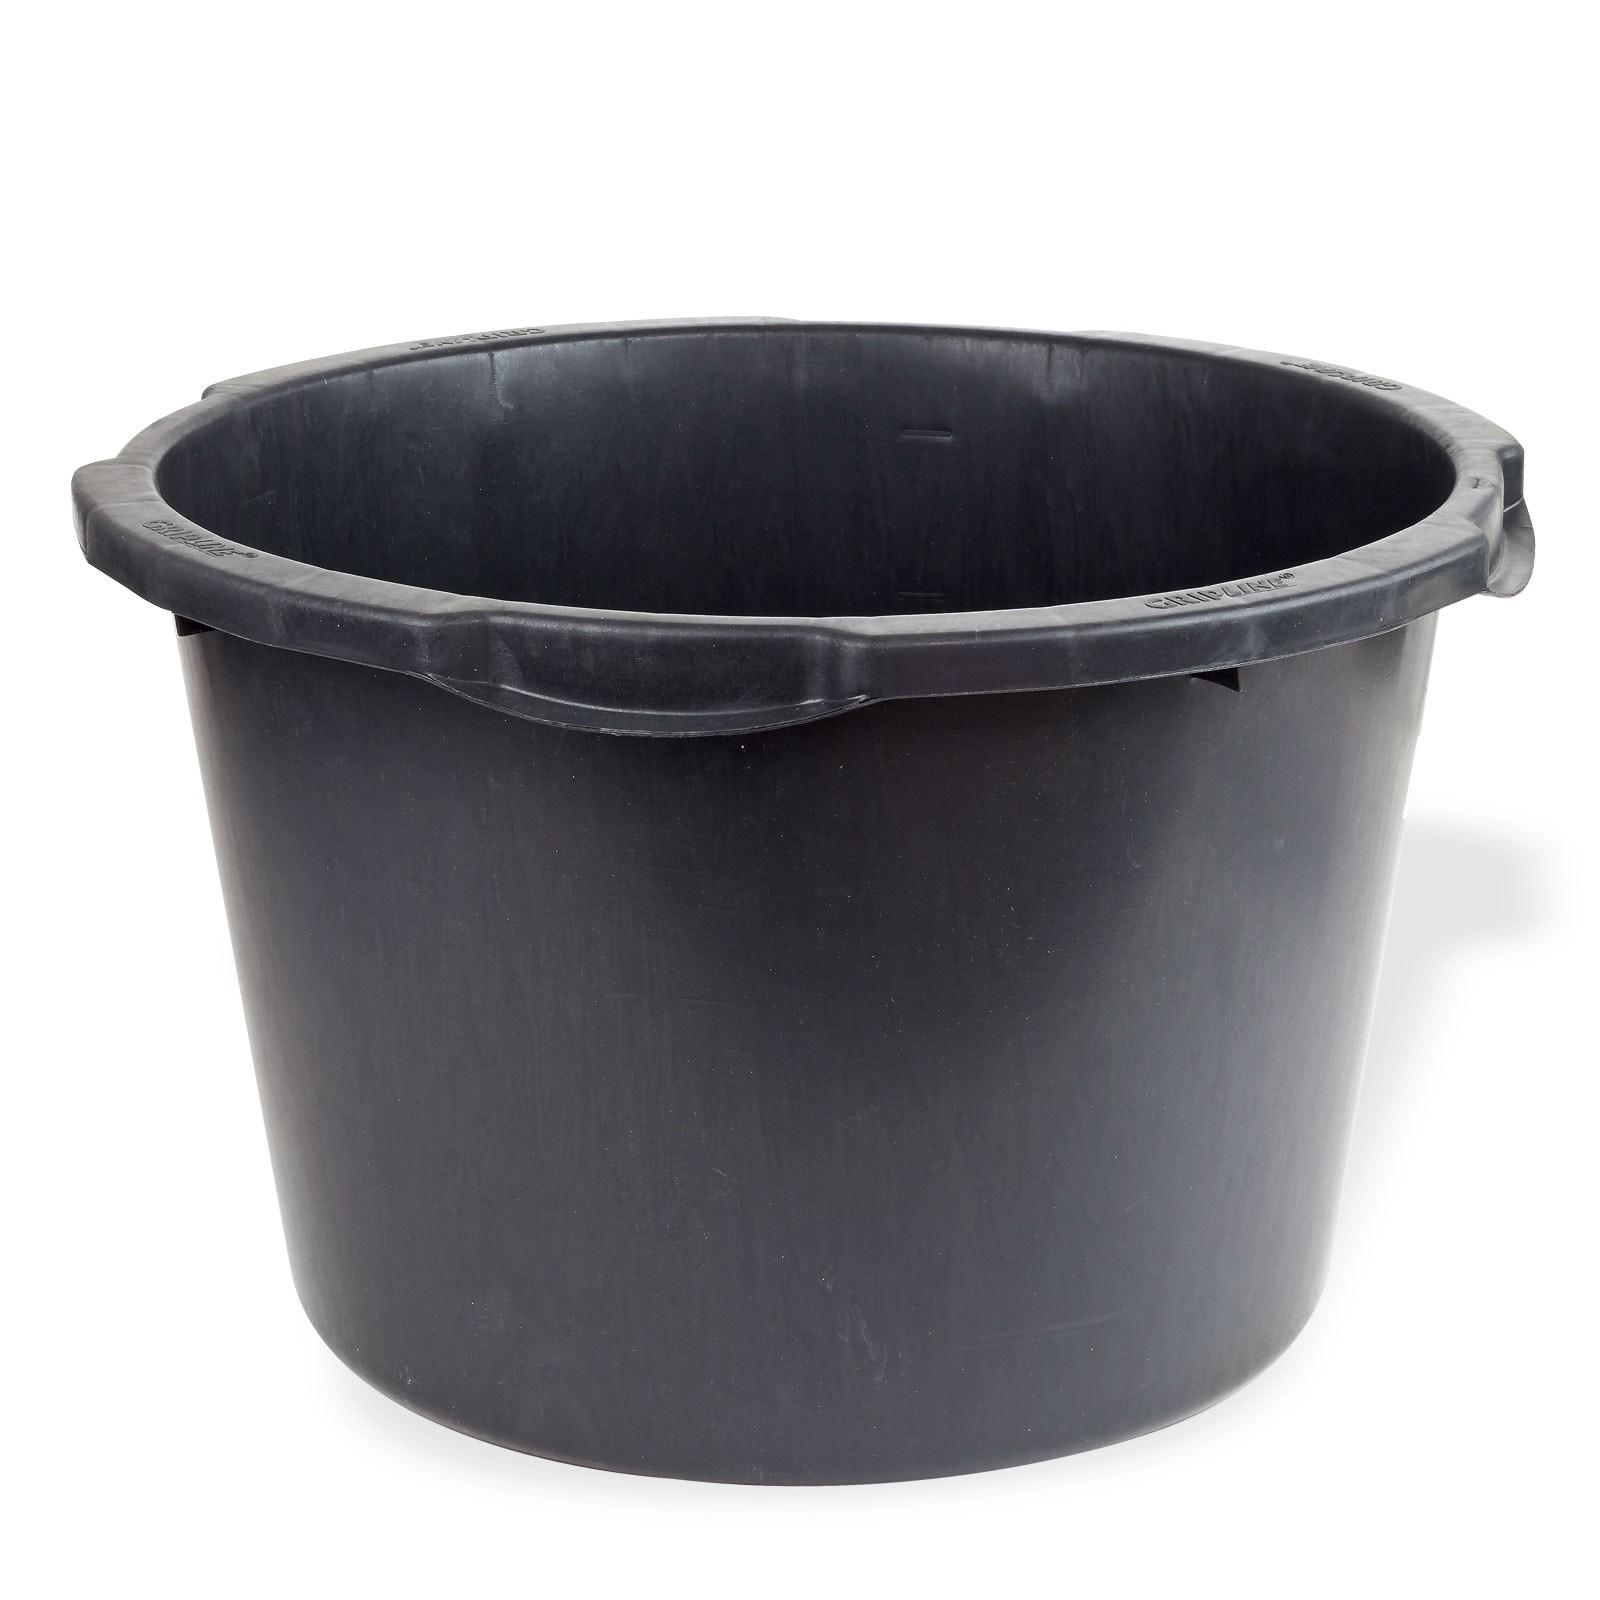 Dema Mörtelkübel Baukübel rund Ø 37/46 cm Mörtelwanne 45 Liter 15102